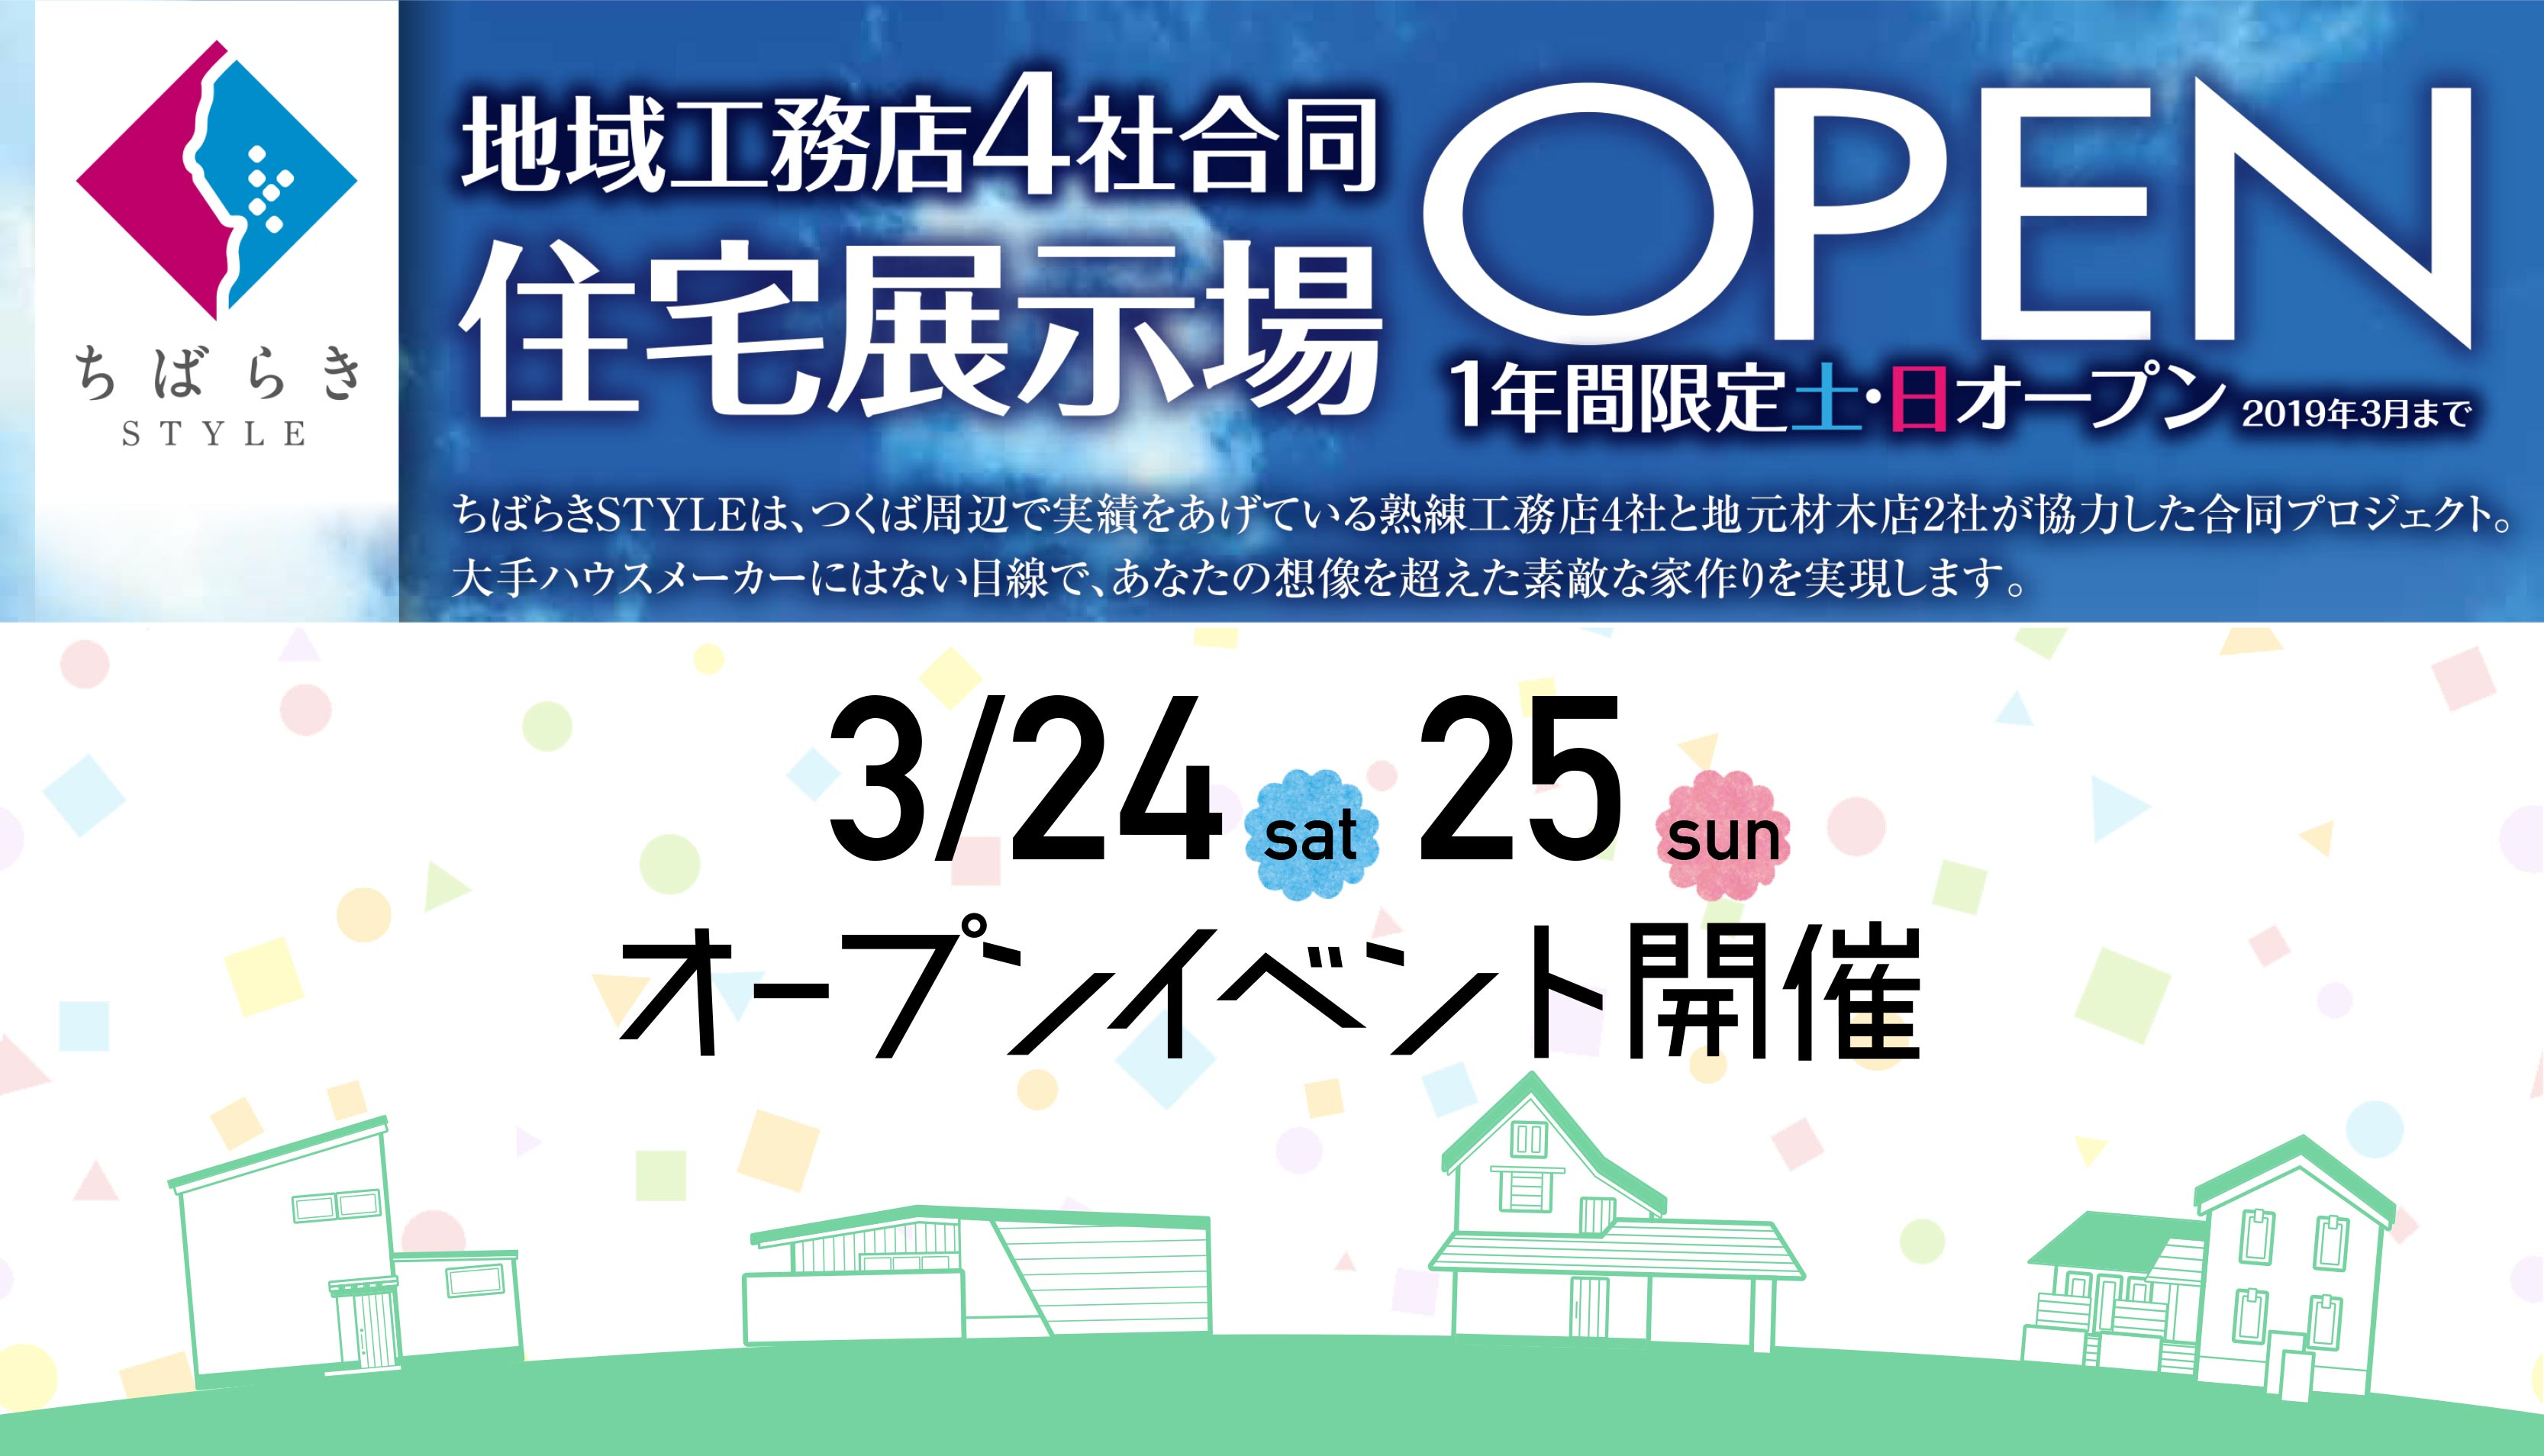 【toyo-lab つくば学園の森】地域工務店だけの住宅展示場「ちばらきSTYLE」3月24日オープン